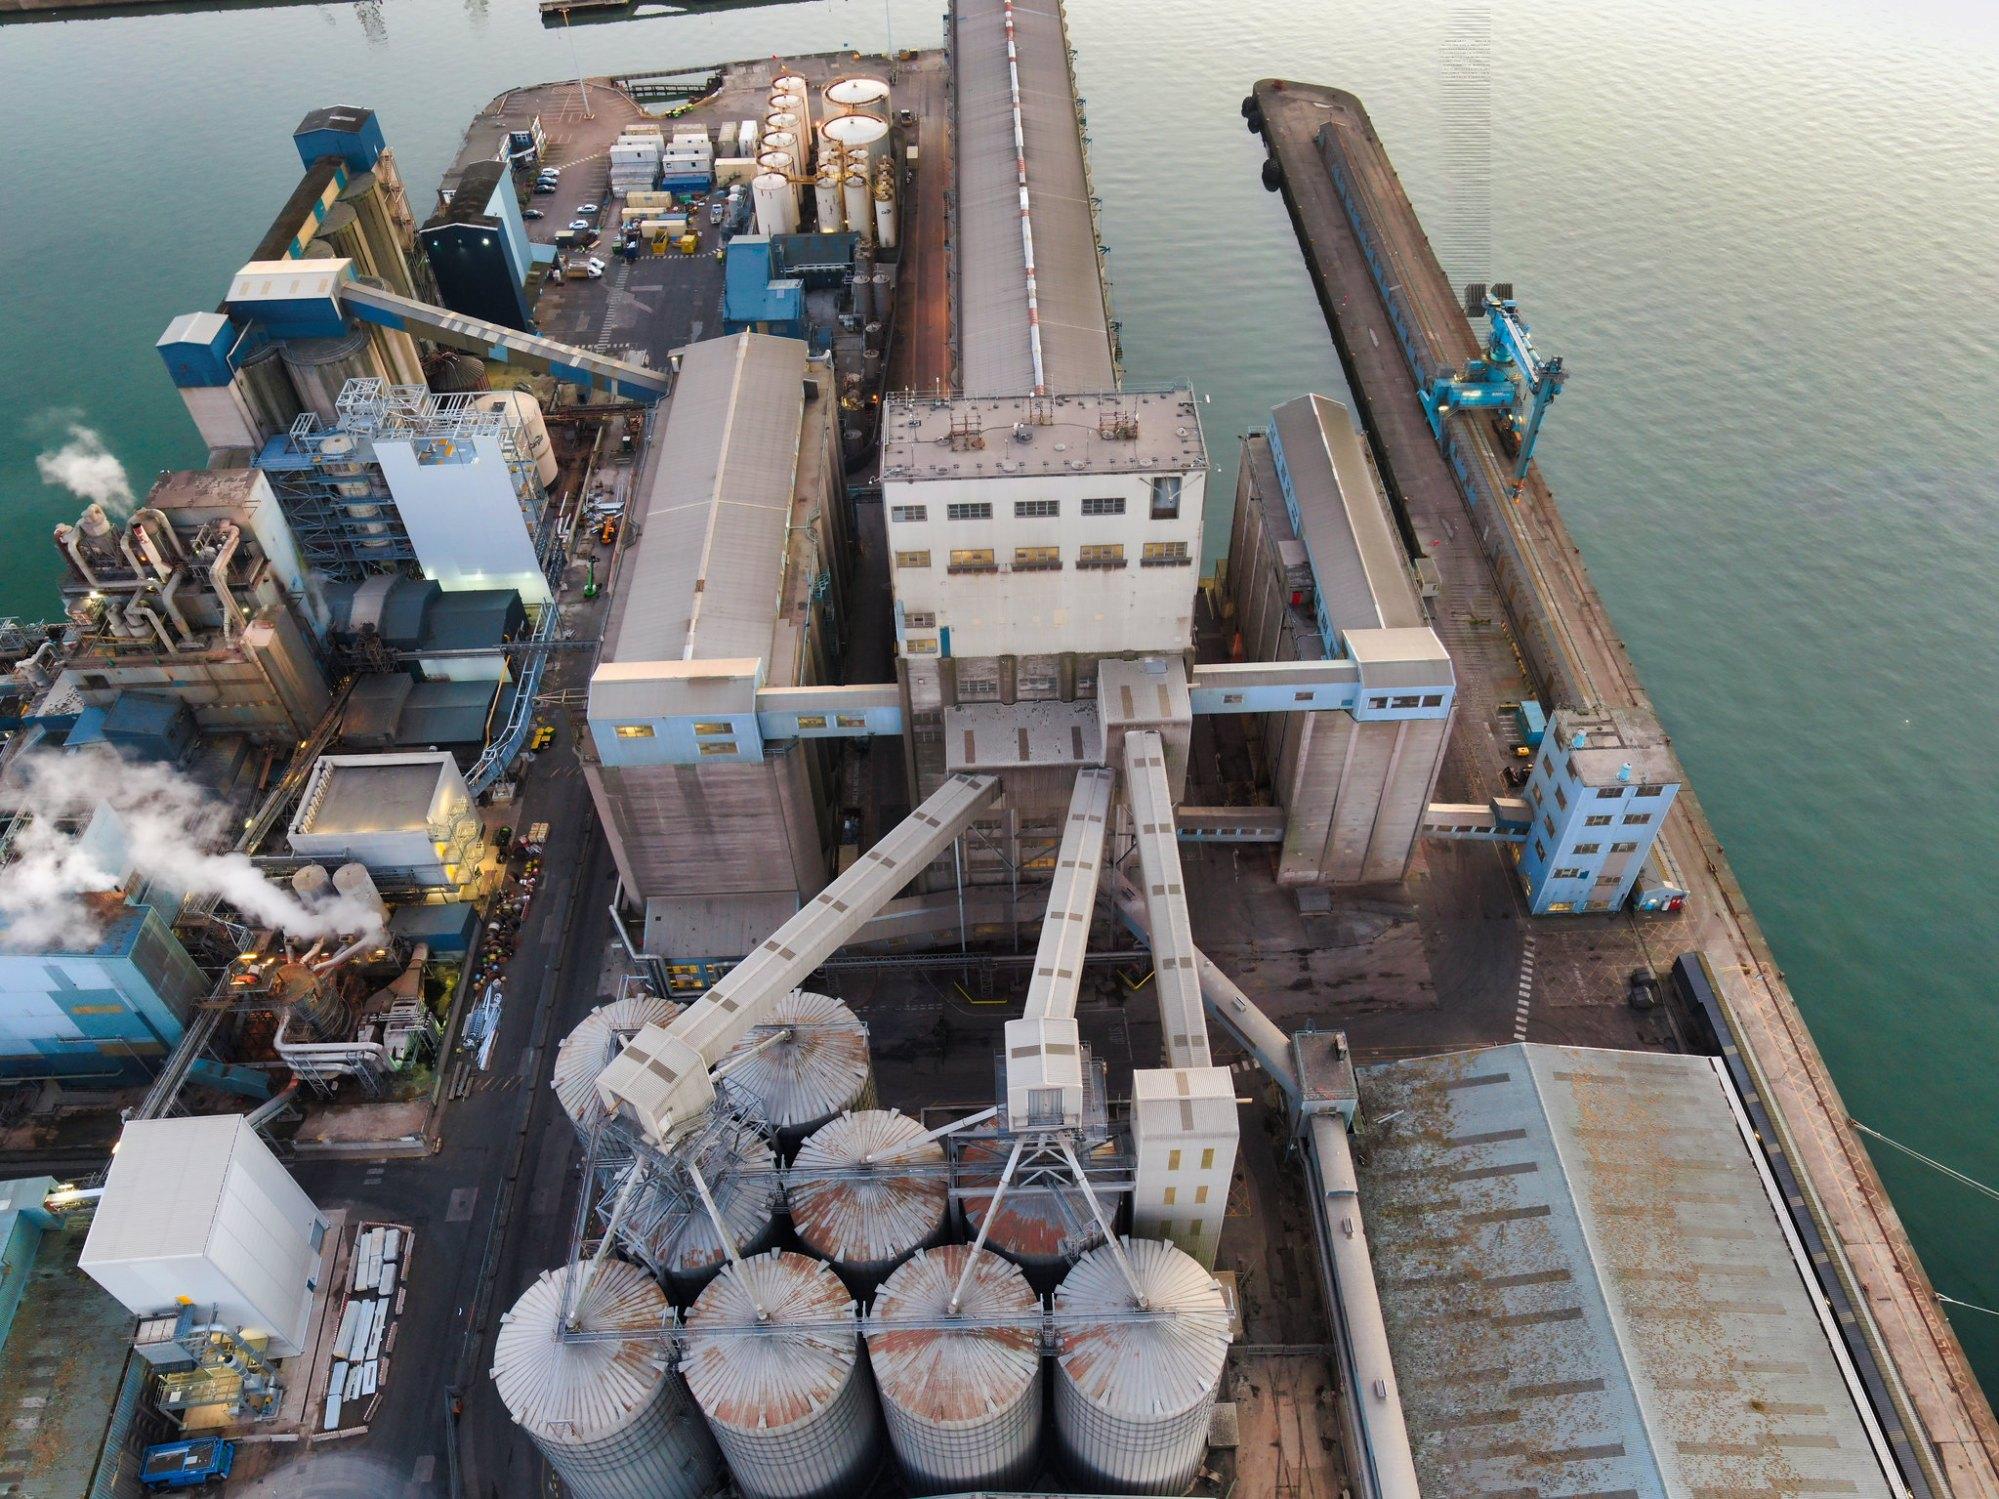 Seaforth Grain Terminal